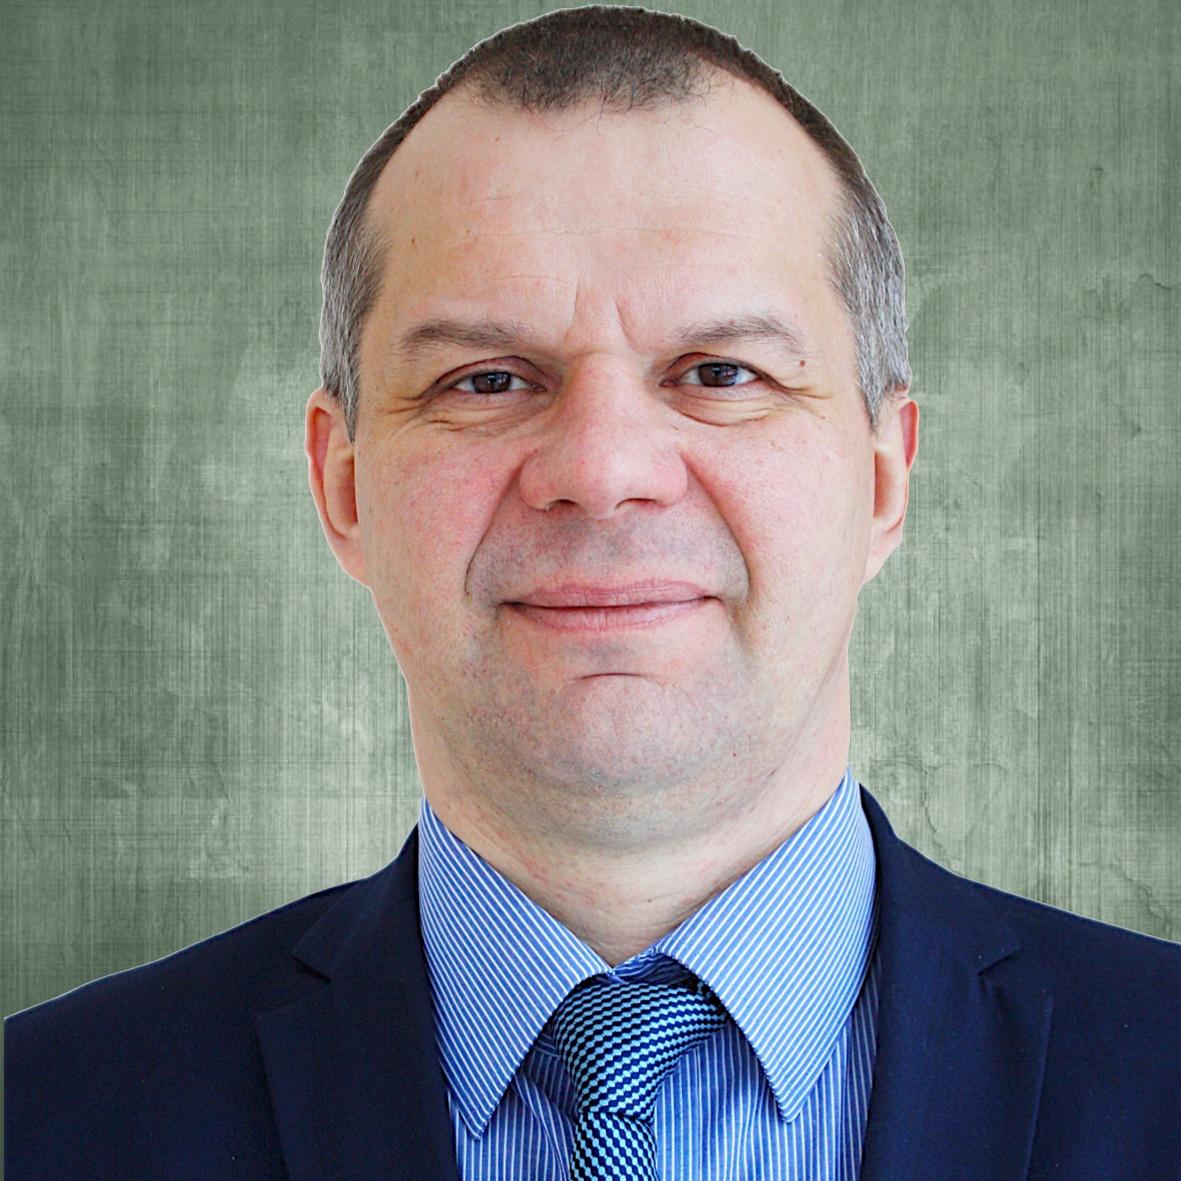 Oliferchuk